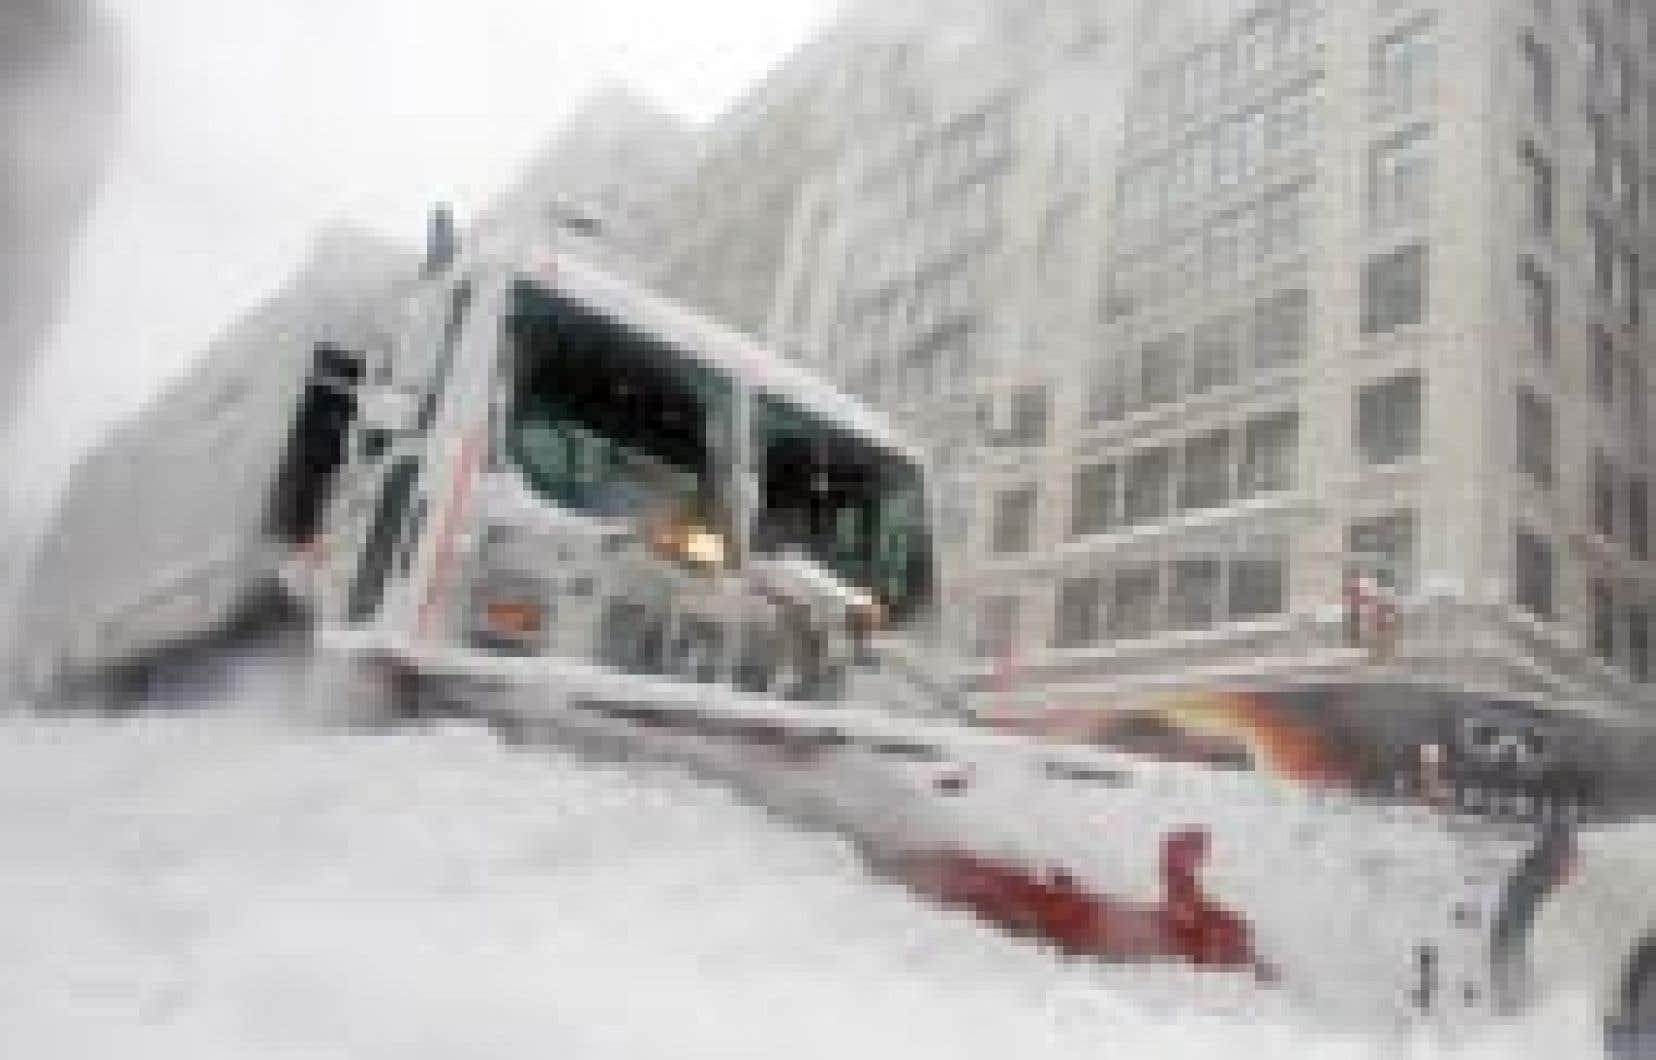 Un chasse-neige à Central Park, hier à New York, où les chutes de neige ont dépassé les 68 cm, fracassant ainsi un record établi en 1947.